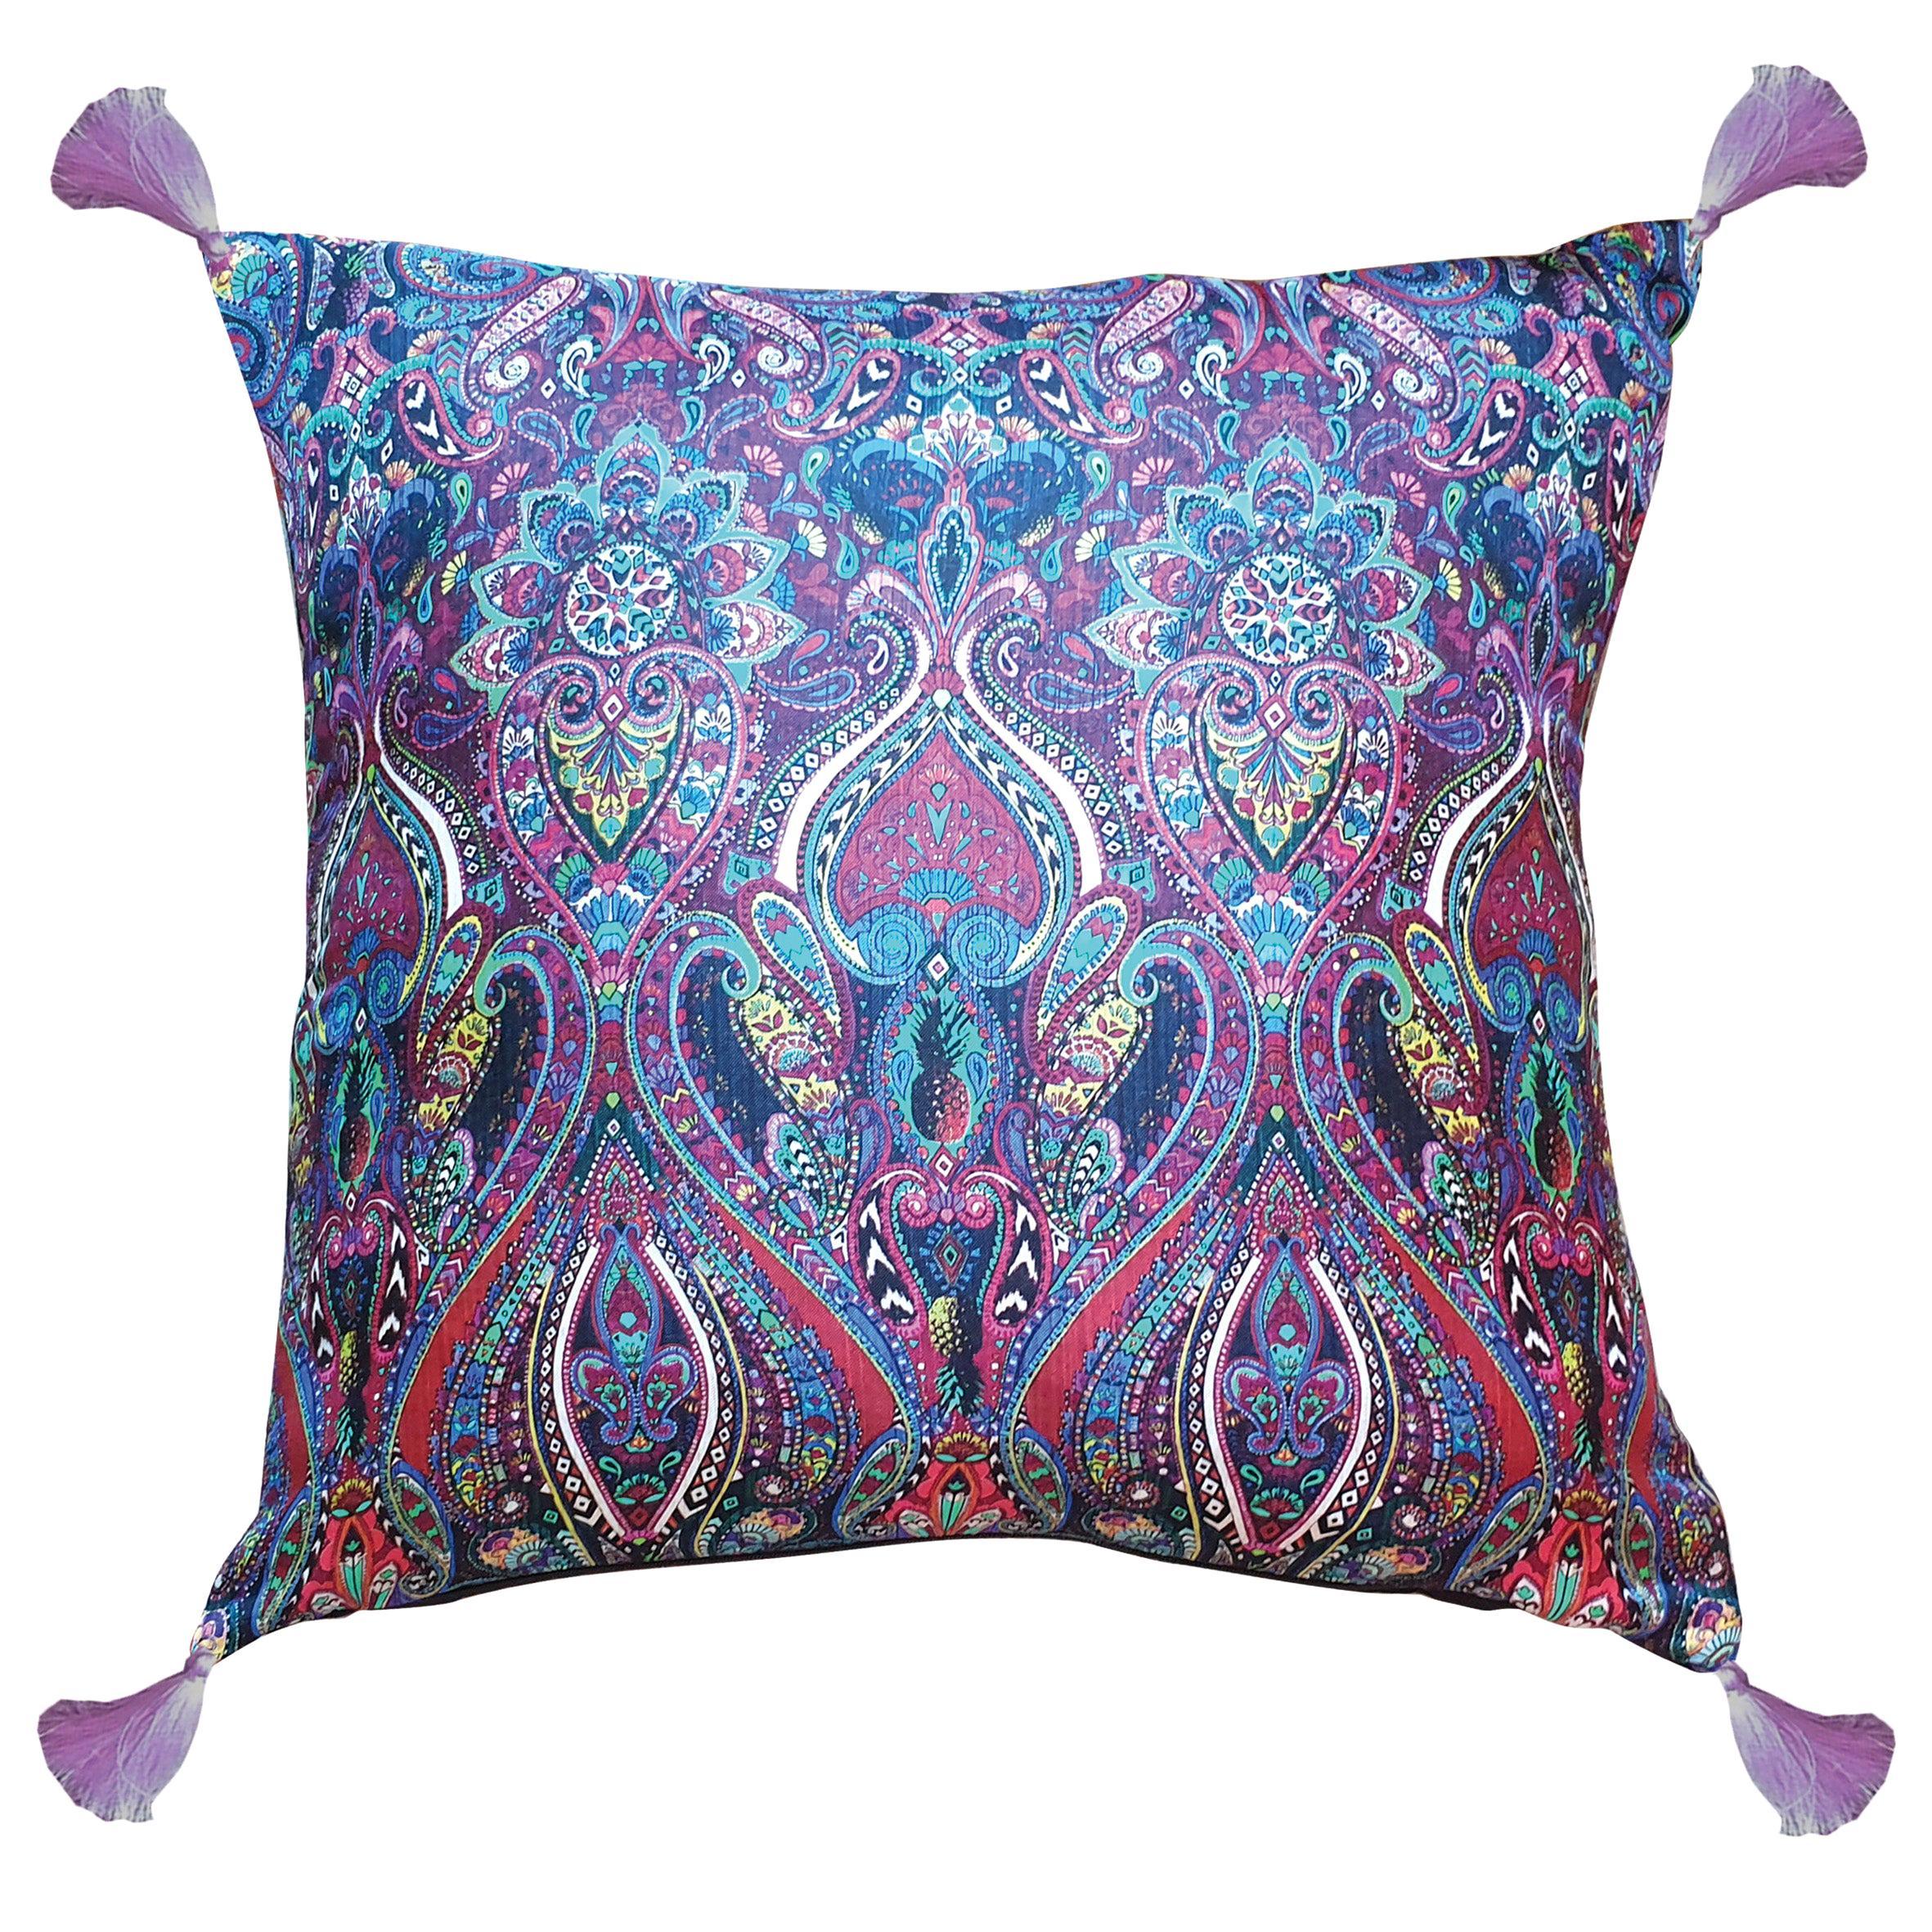 Les Ottomans, 'Silk Cushion' by Matthew Williamson